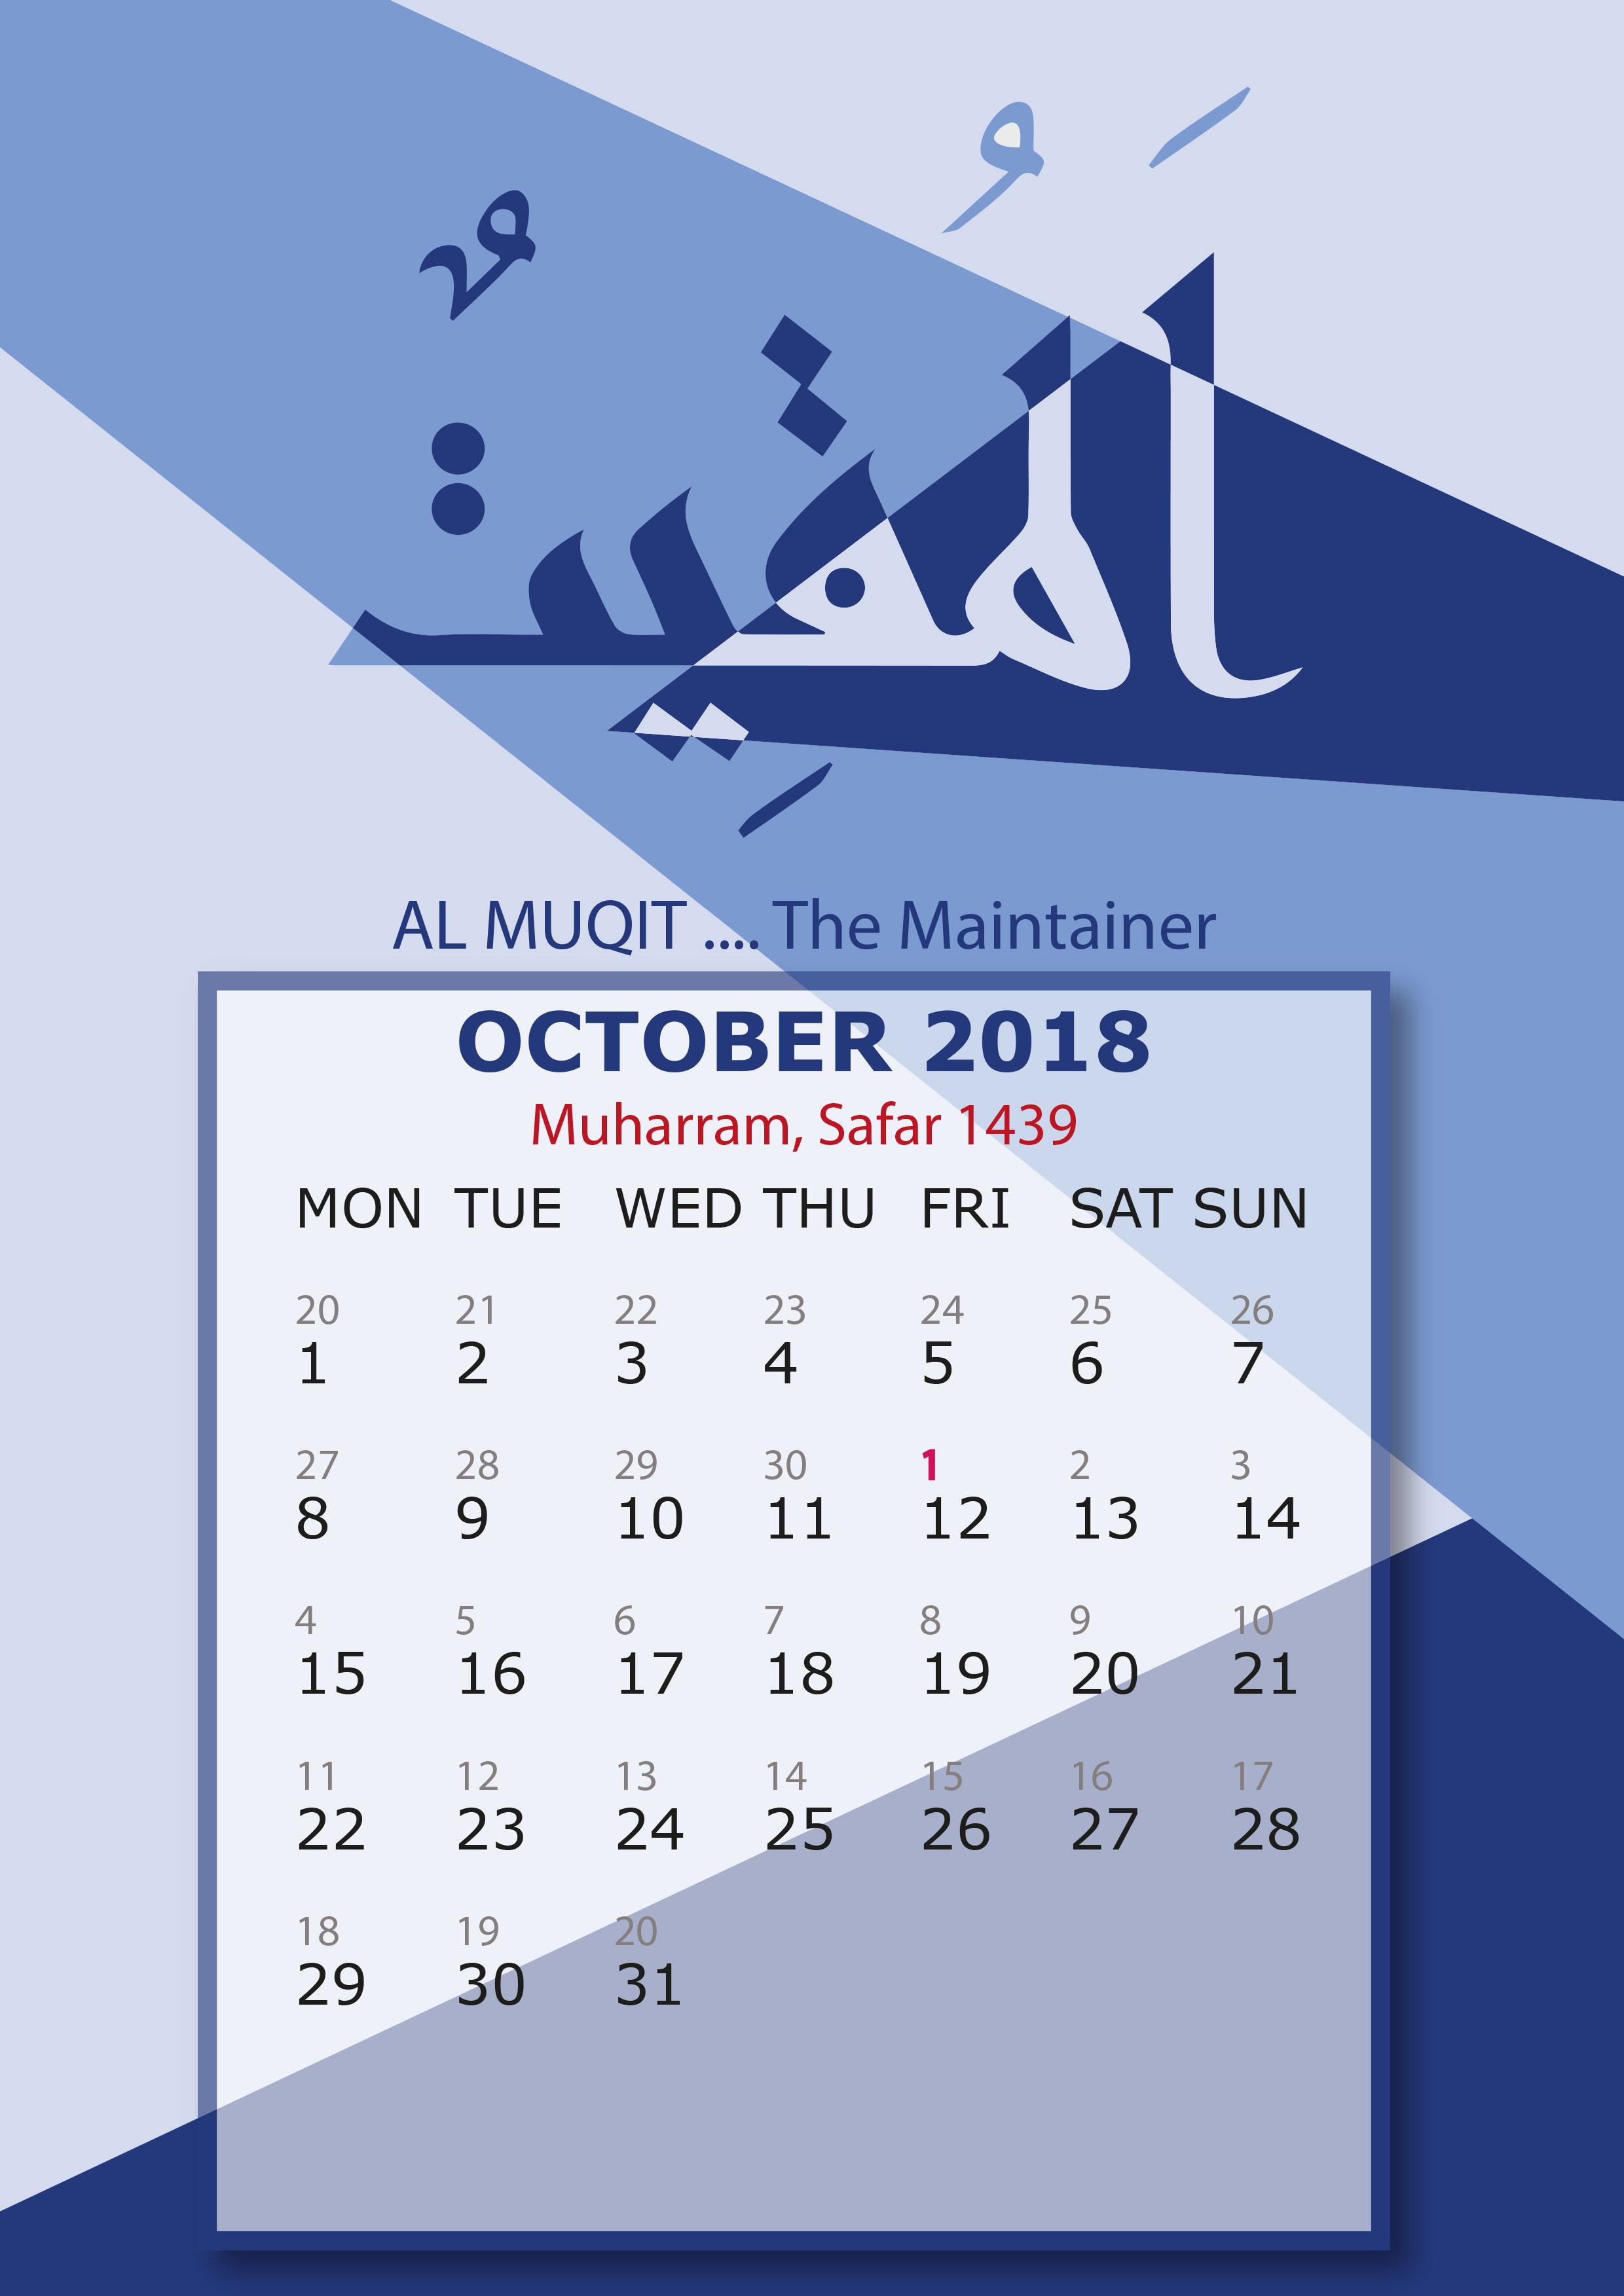 October 2018